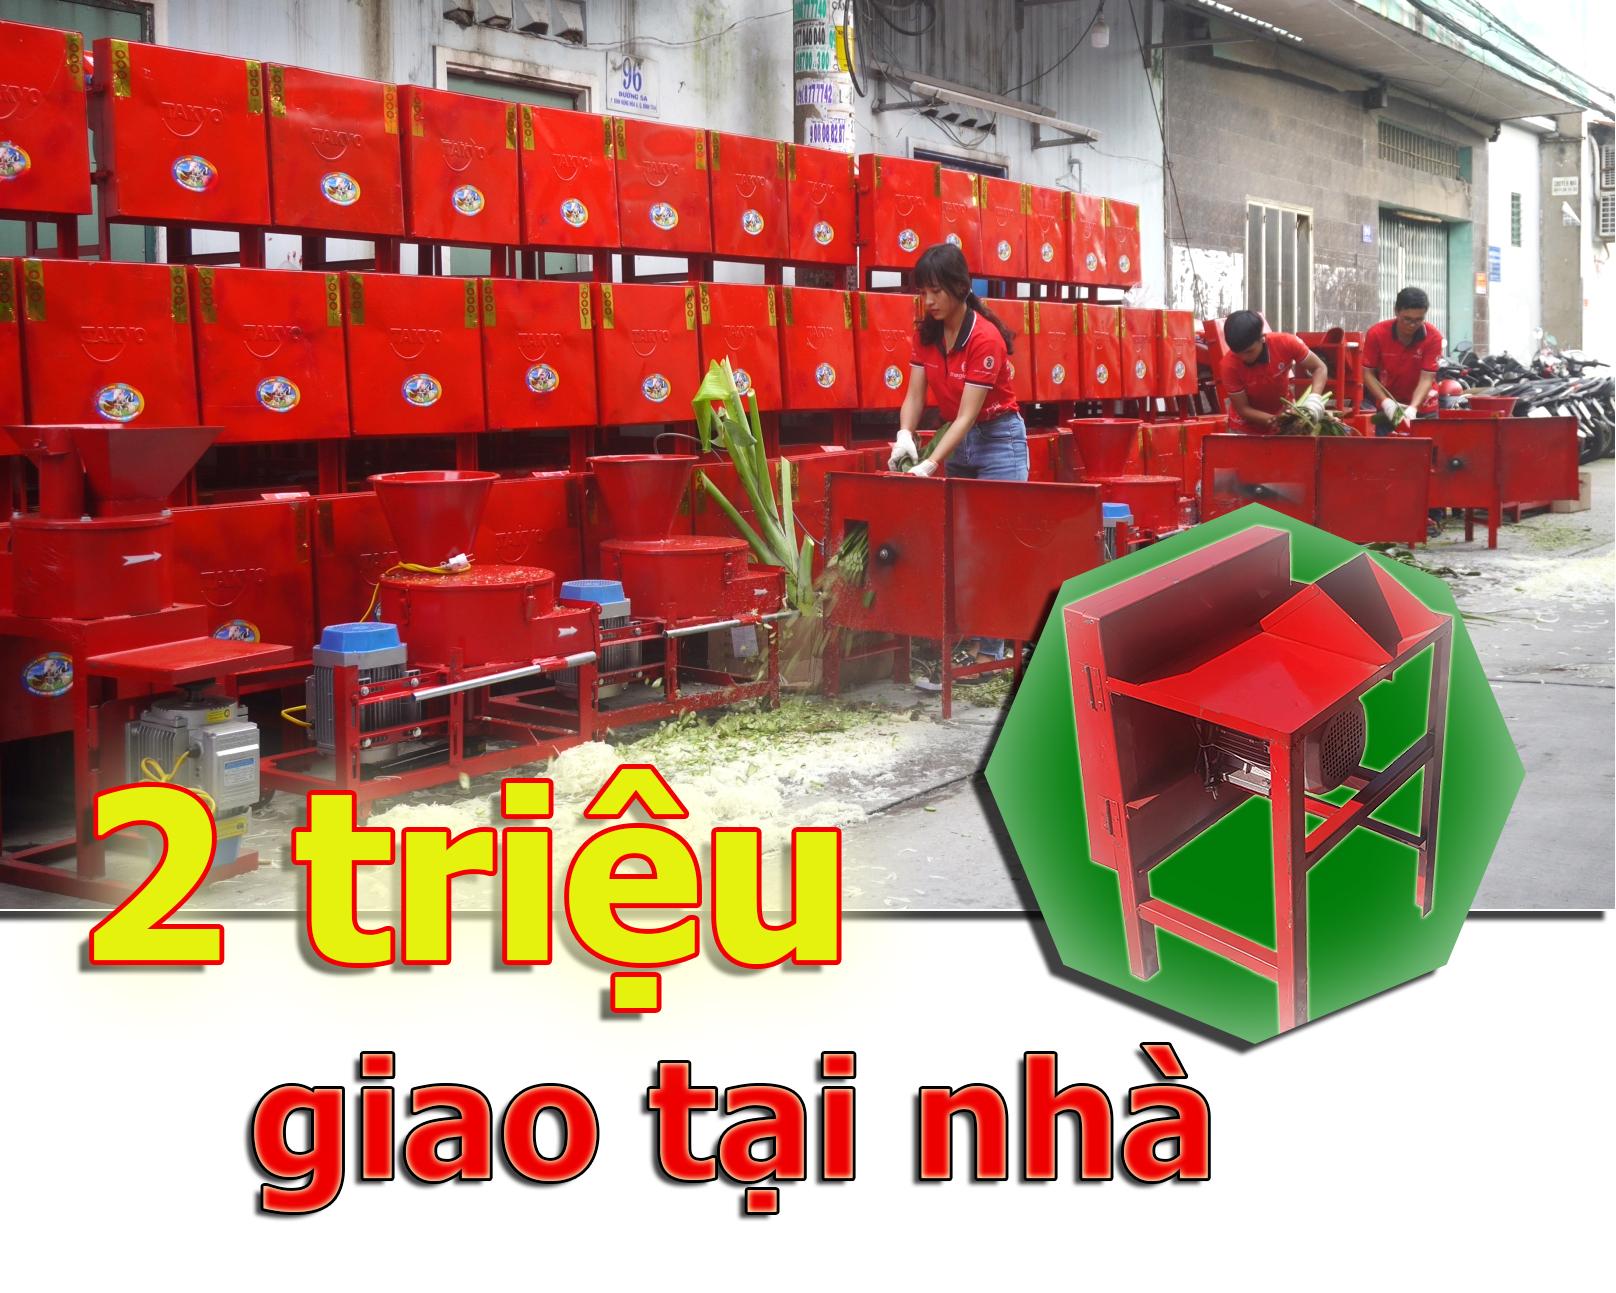 Chỉ với 2 triệu bạn đã có thể tiết kiệm được rất nhiều thời gian và công sức với máy băm chuối TAKYO TK 15